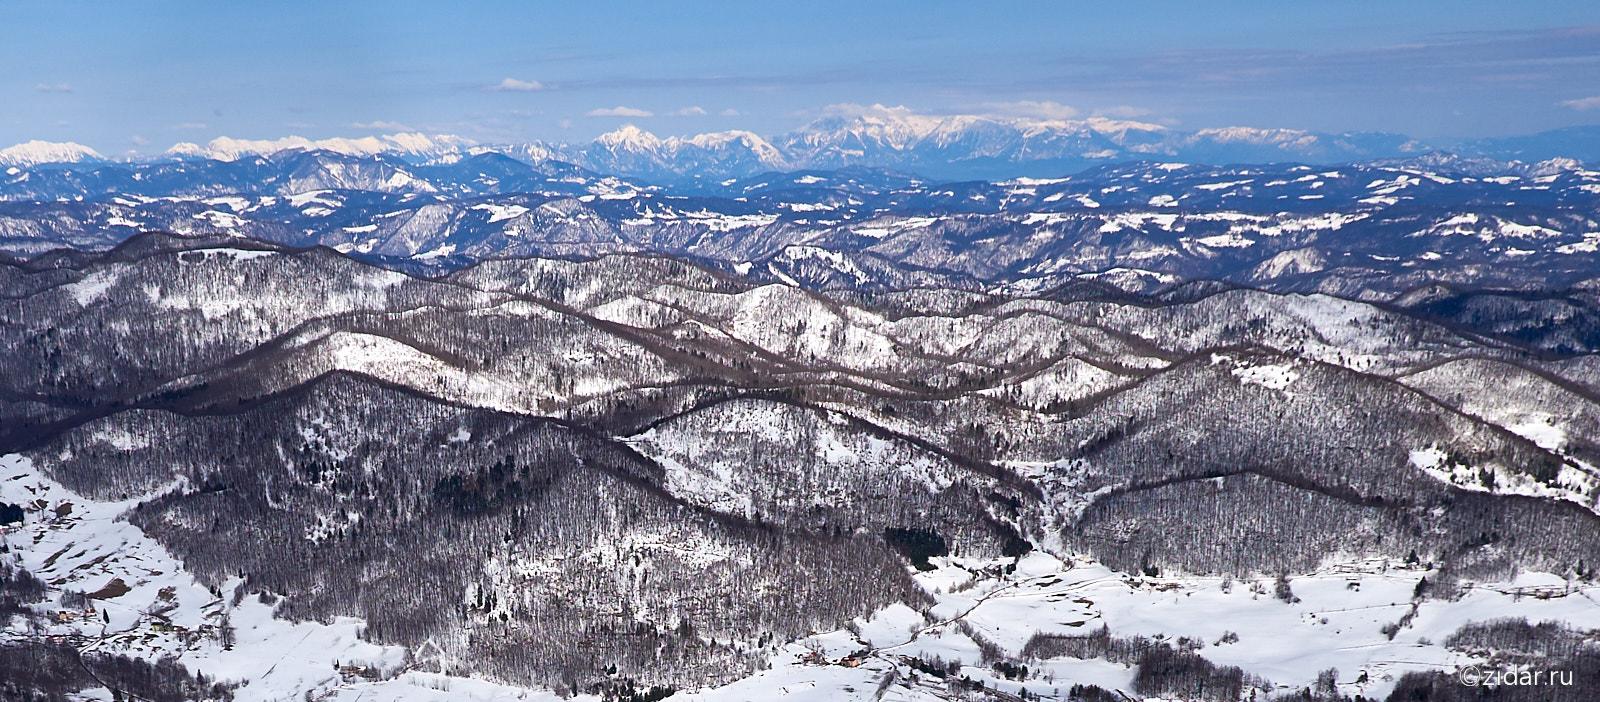 До гор на горизонте больше 50 километров!